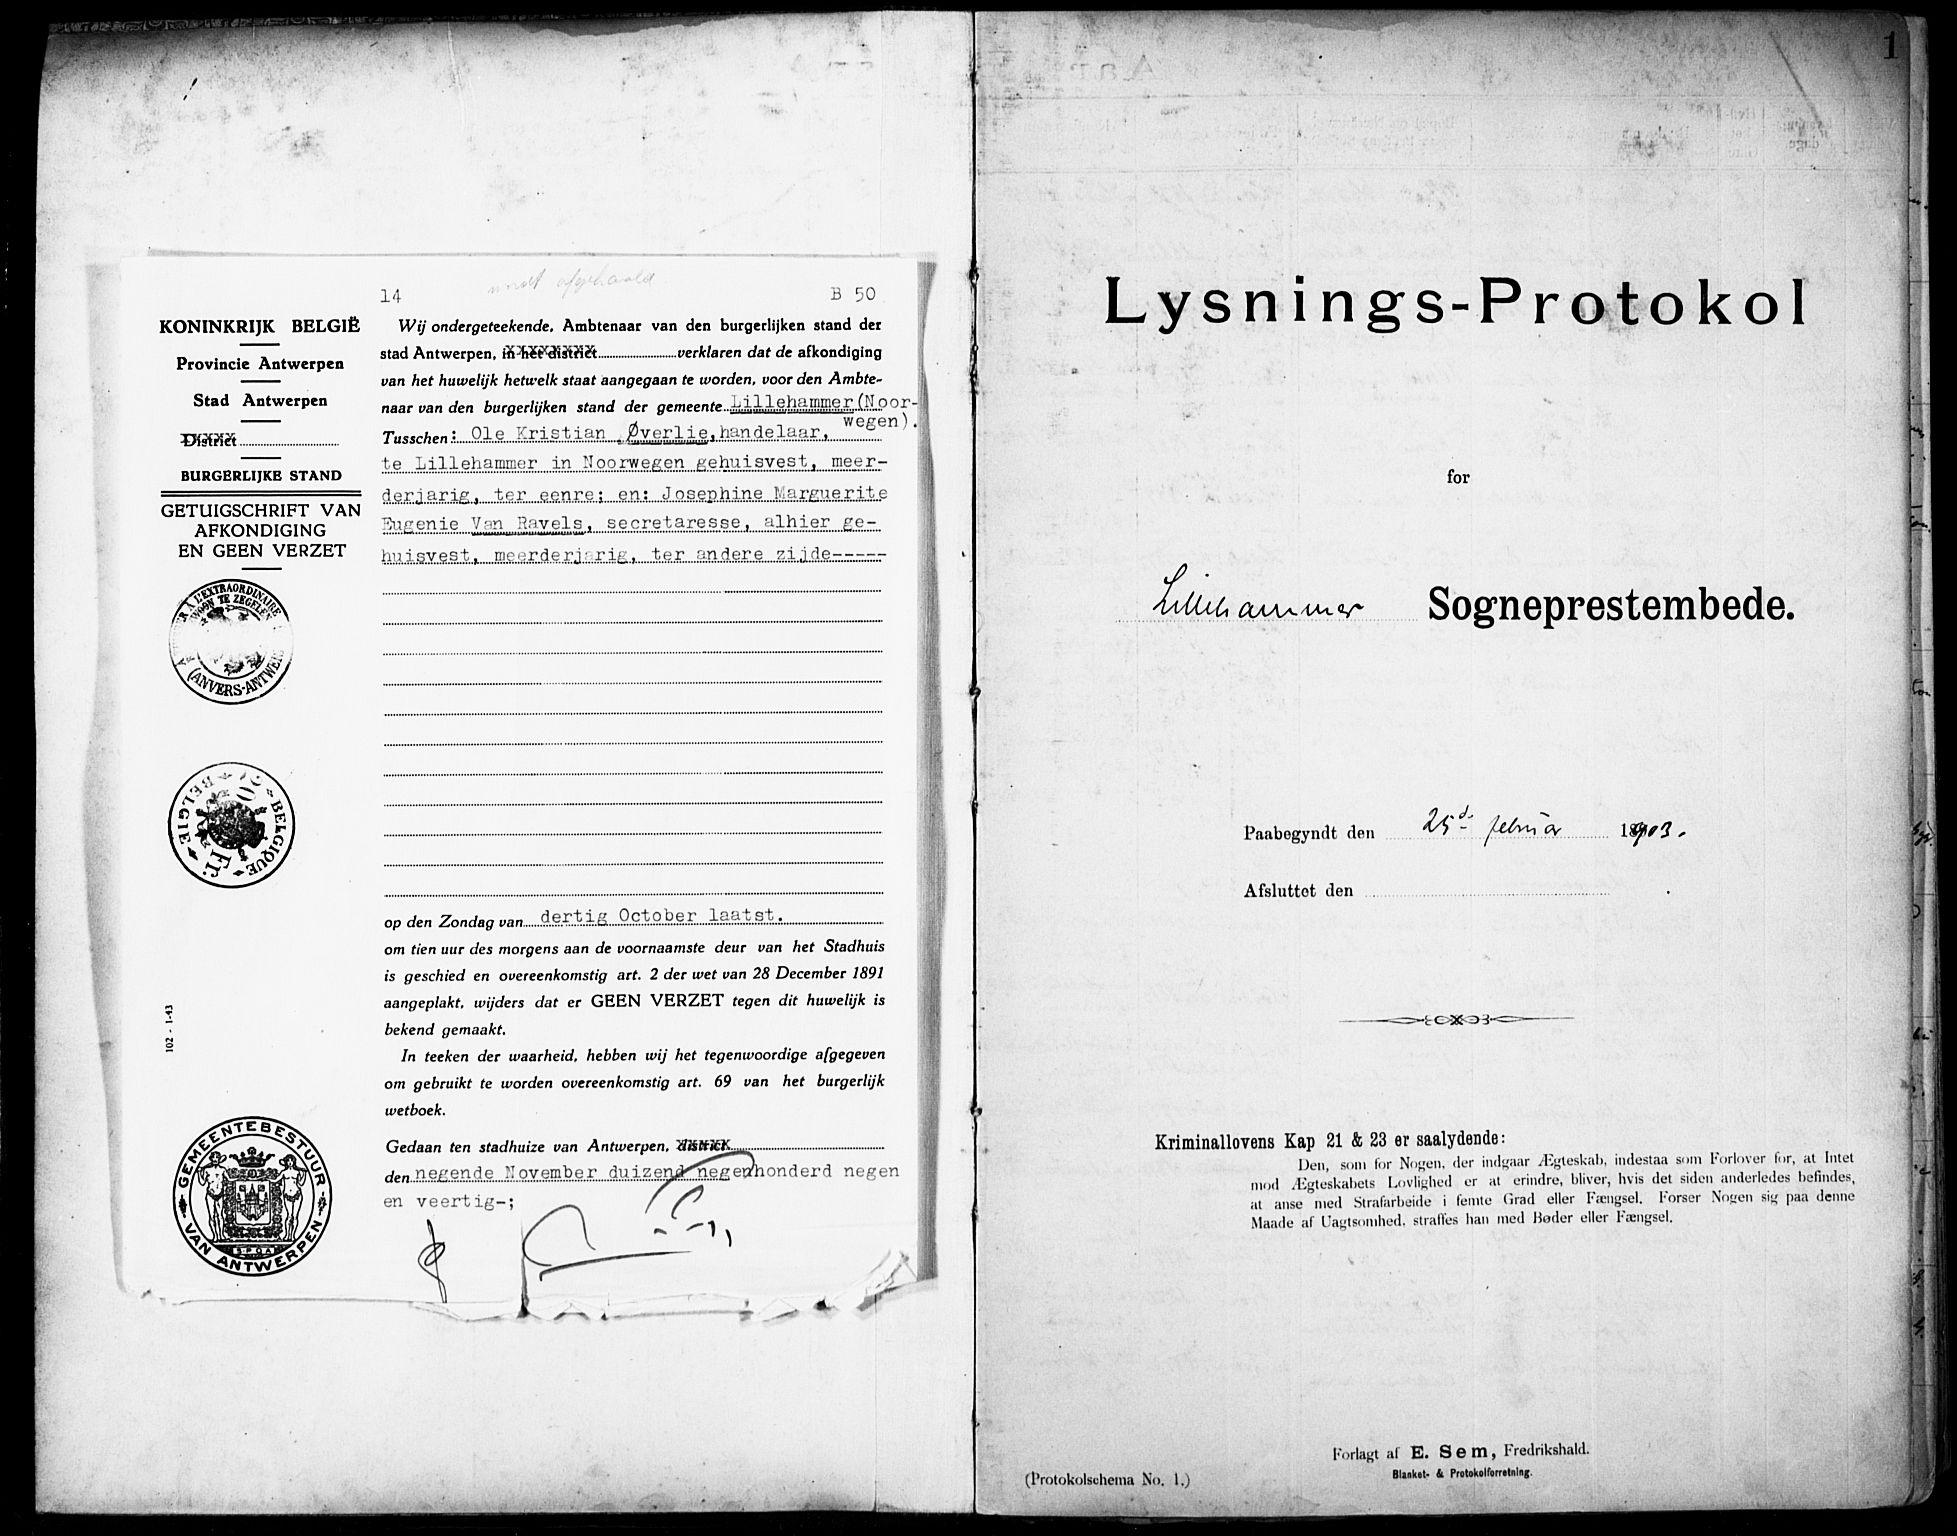 SAH, Lillehammer prestekontor, Banns register no. 1, 1903-1932, p. 1